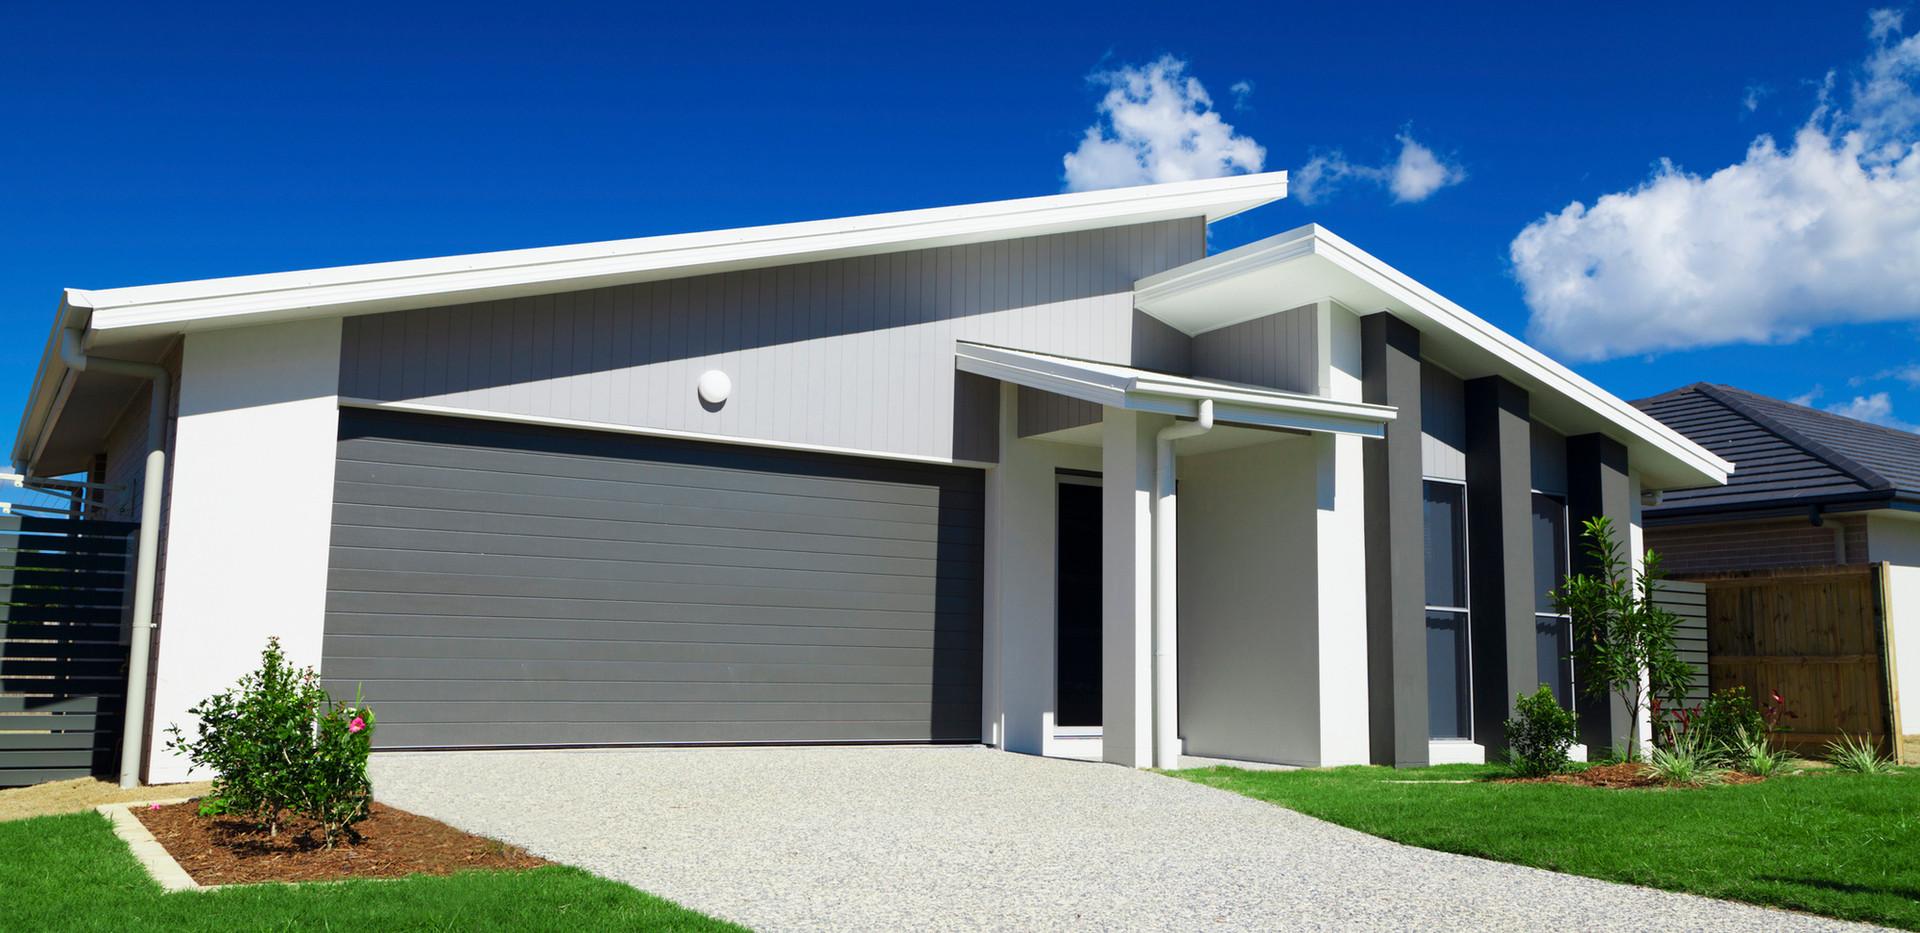 Garagem de casa moderna